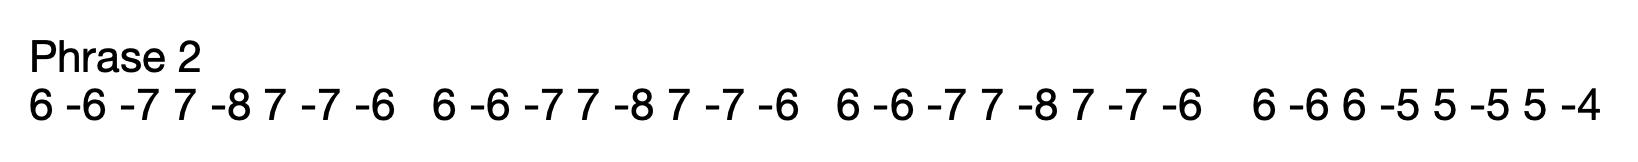 5c31b5f7